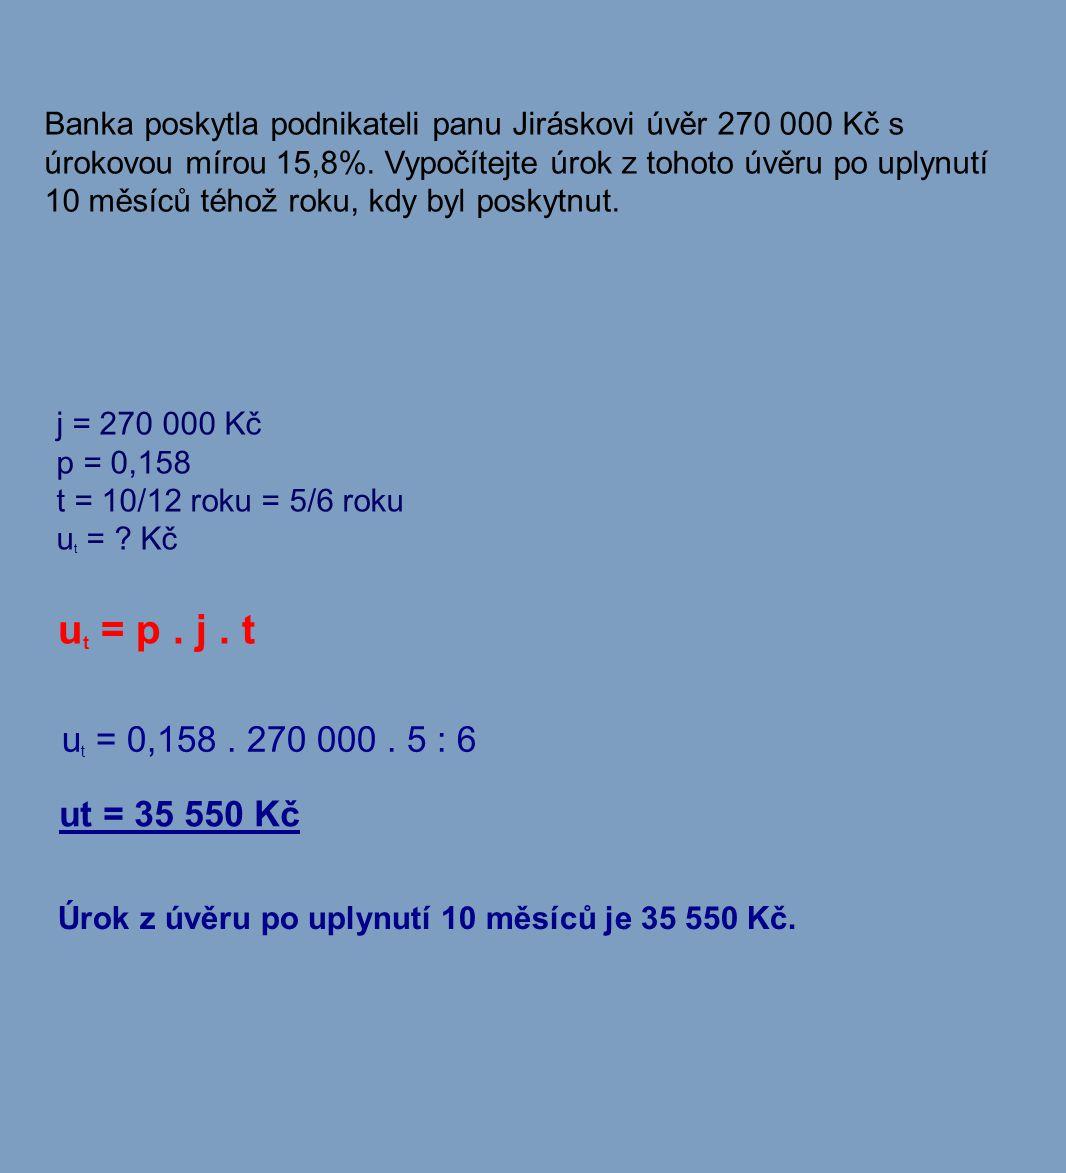 Banka poskytla podnikateli panu Jiráskovi úvěr 270 000 Kč s úrokovou mírou 15,8%. Vypočítejte úrok z tohoto úvěru po uplynutí 10 měsíců téhož roku, kd